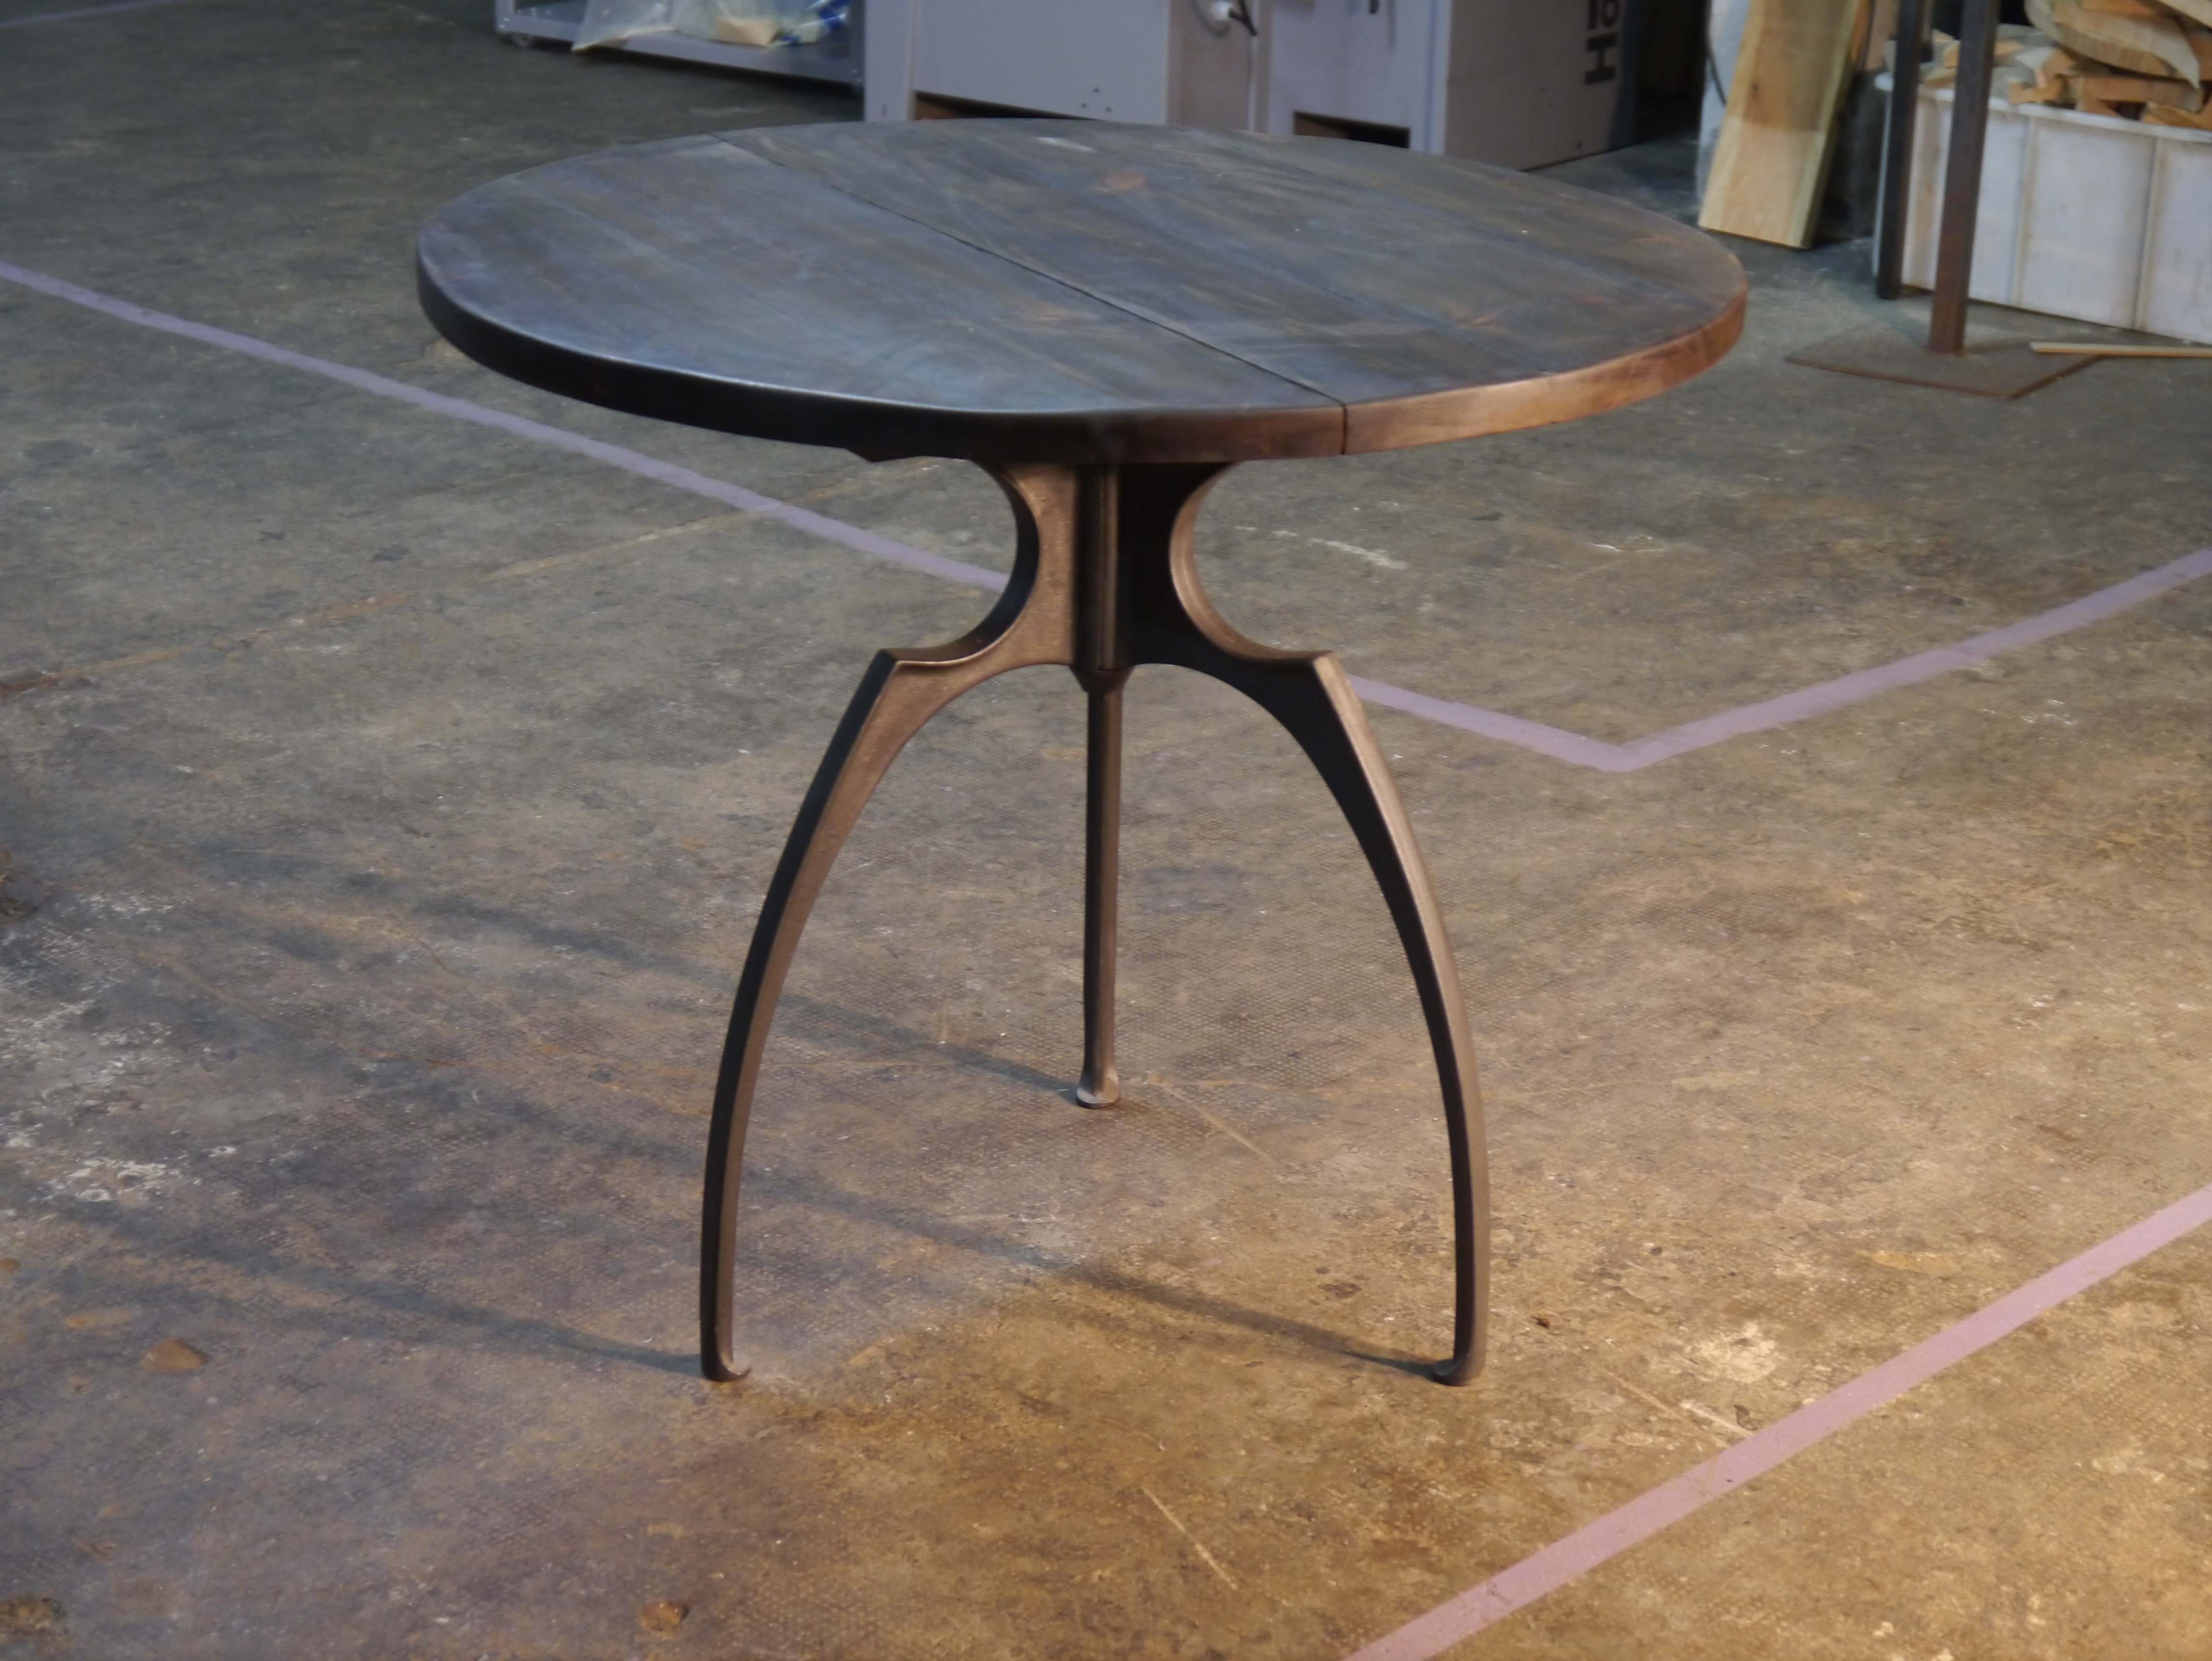 Mesas y sillas retro mobiliario vintage de estilo industrial de madera y hierro sillas - Sillas hosteleria barcelona ...